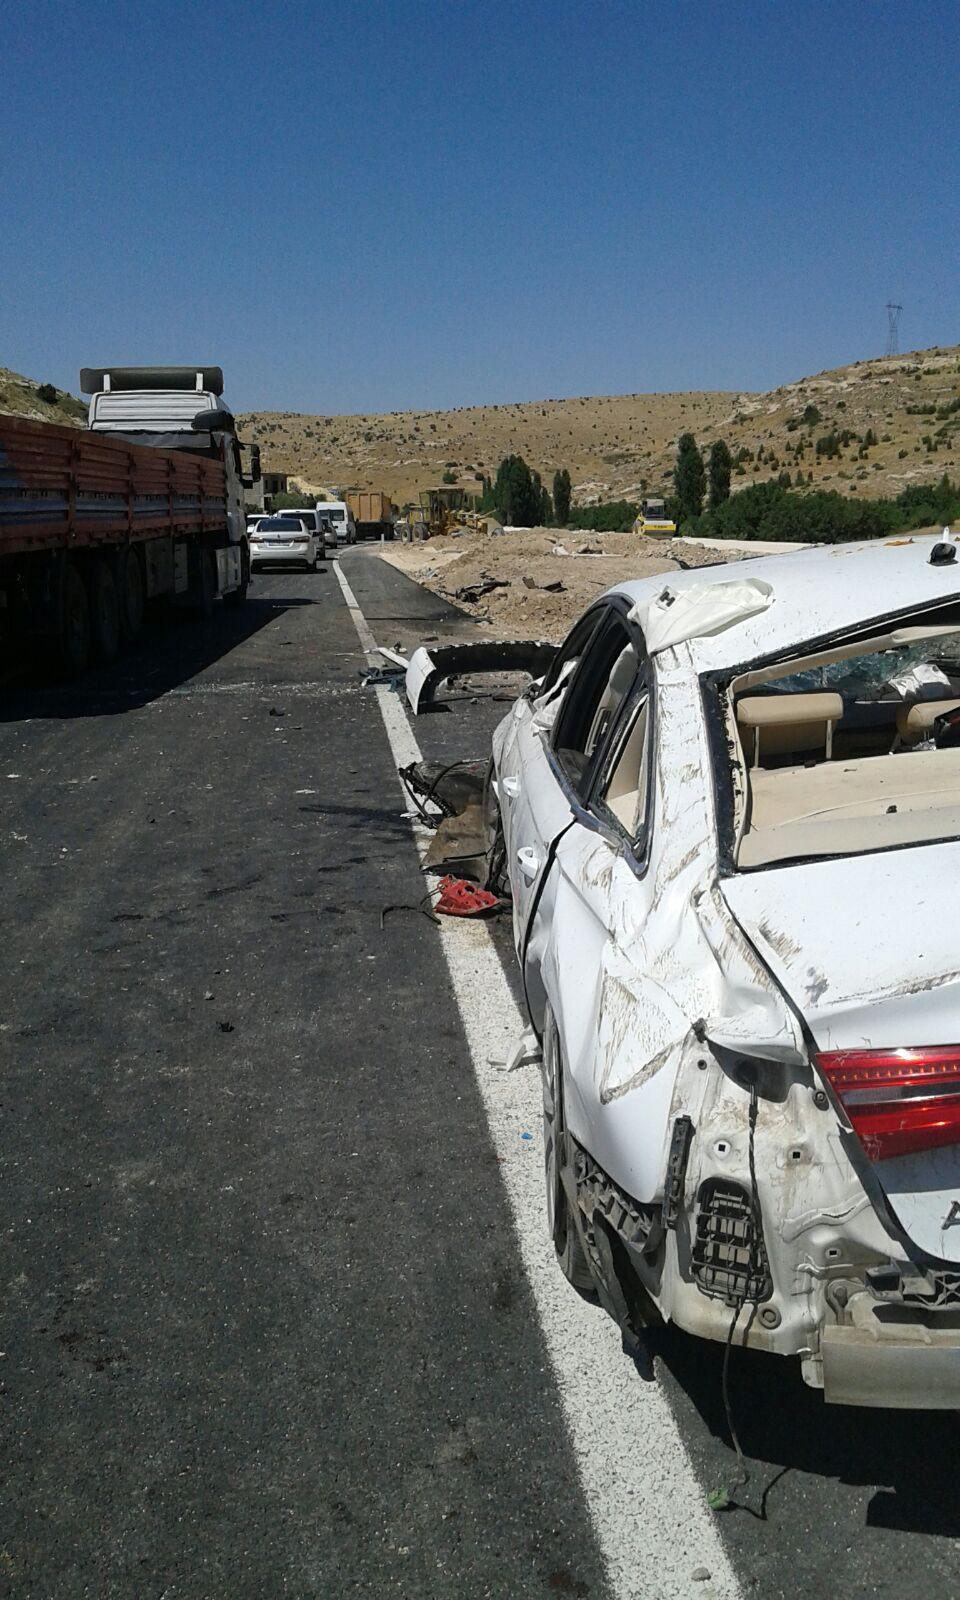 Otomobil iş makinesine çarptı: 2 ölü, 1 yaralı